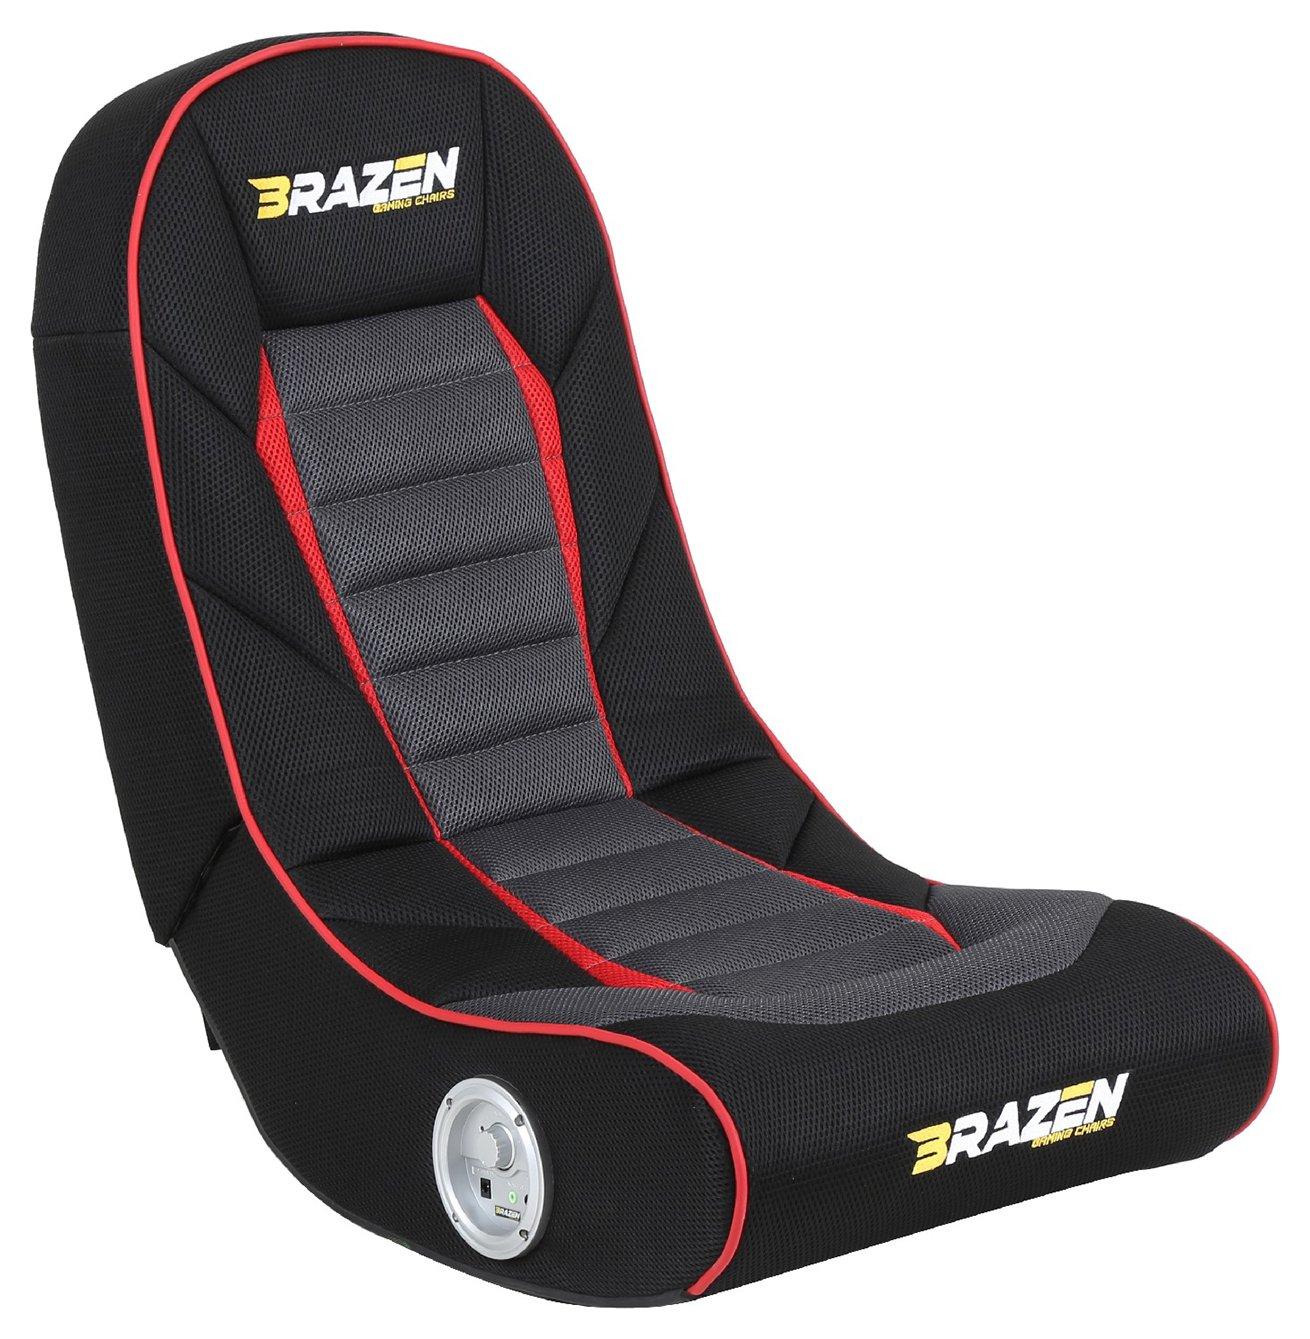 Brazen BraZen Sabre Gaming Chair.